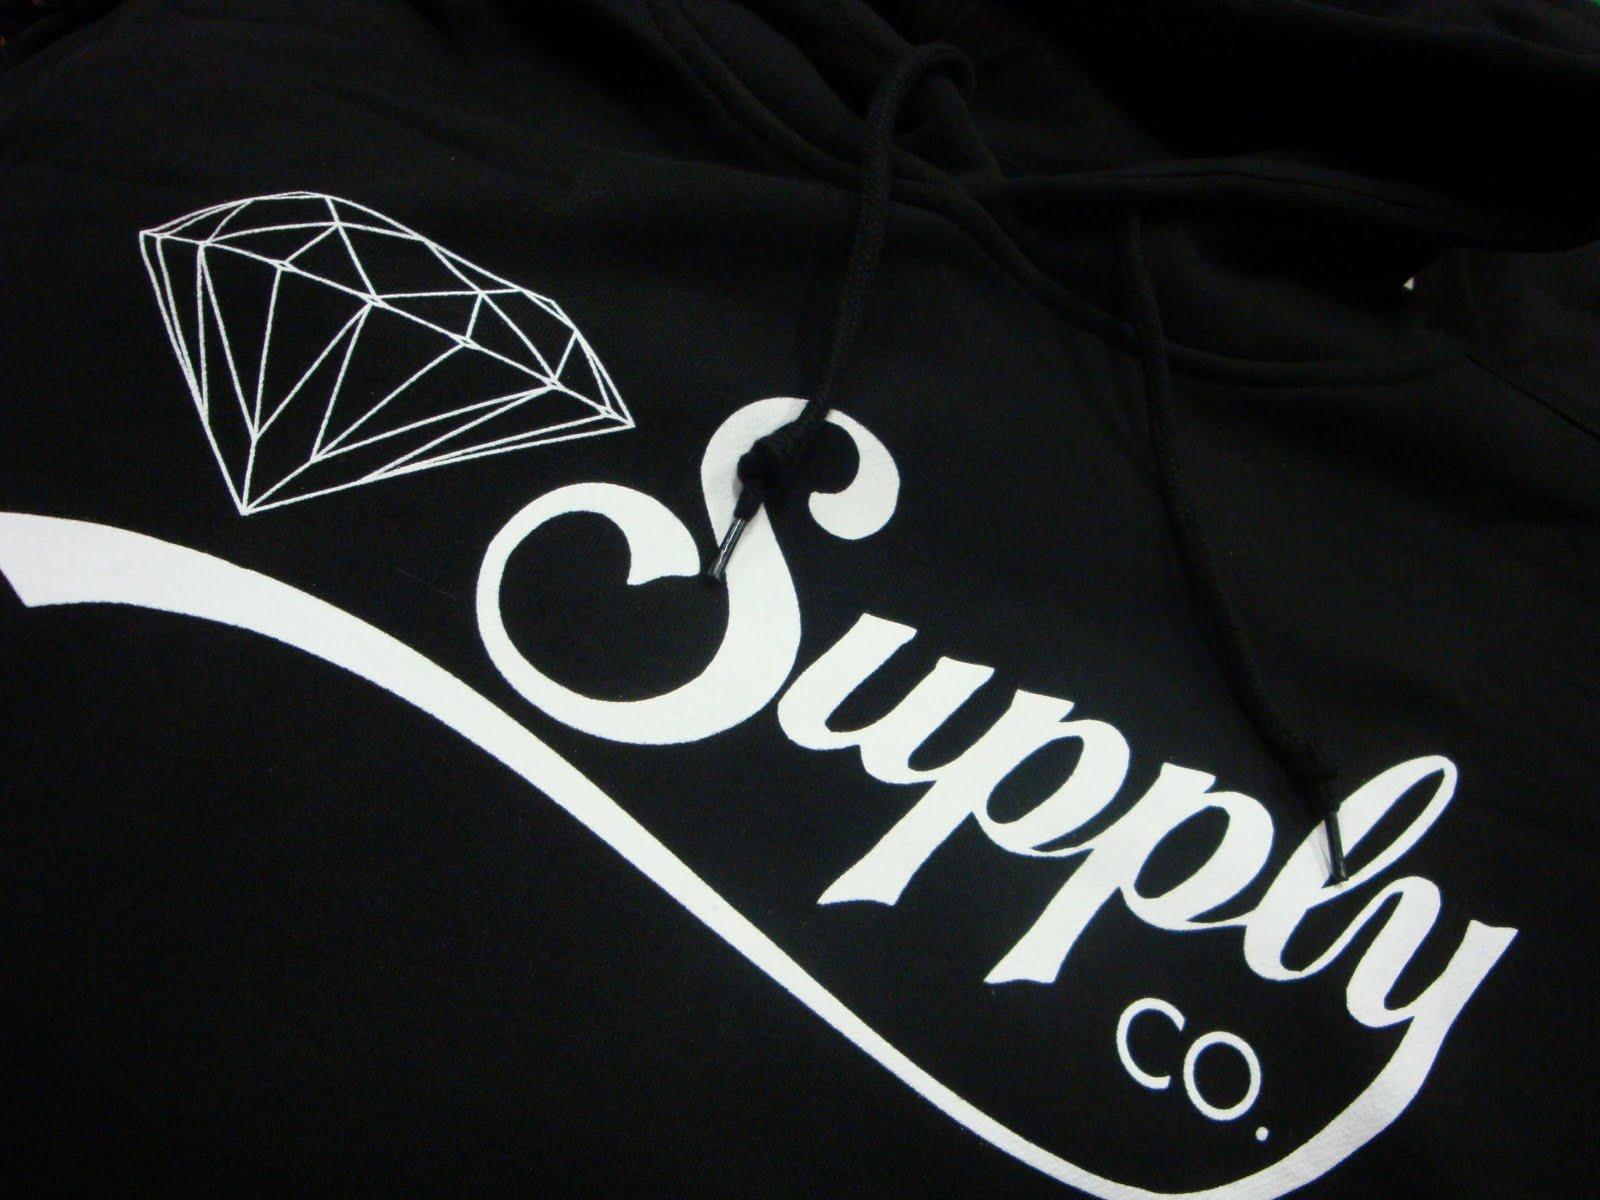 Diamond supply co   EXO SHOP   Blog 1600x1200